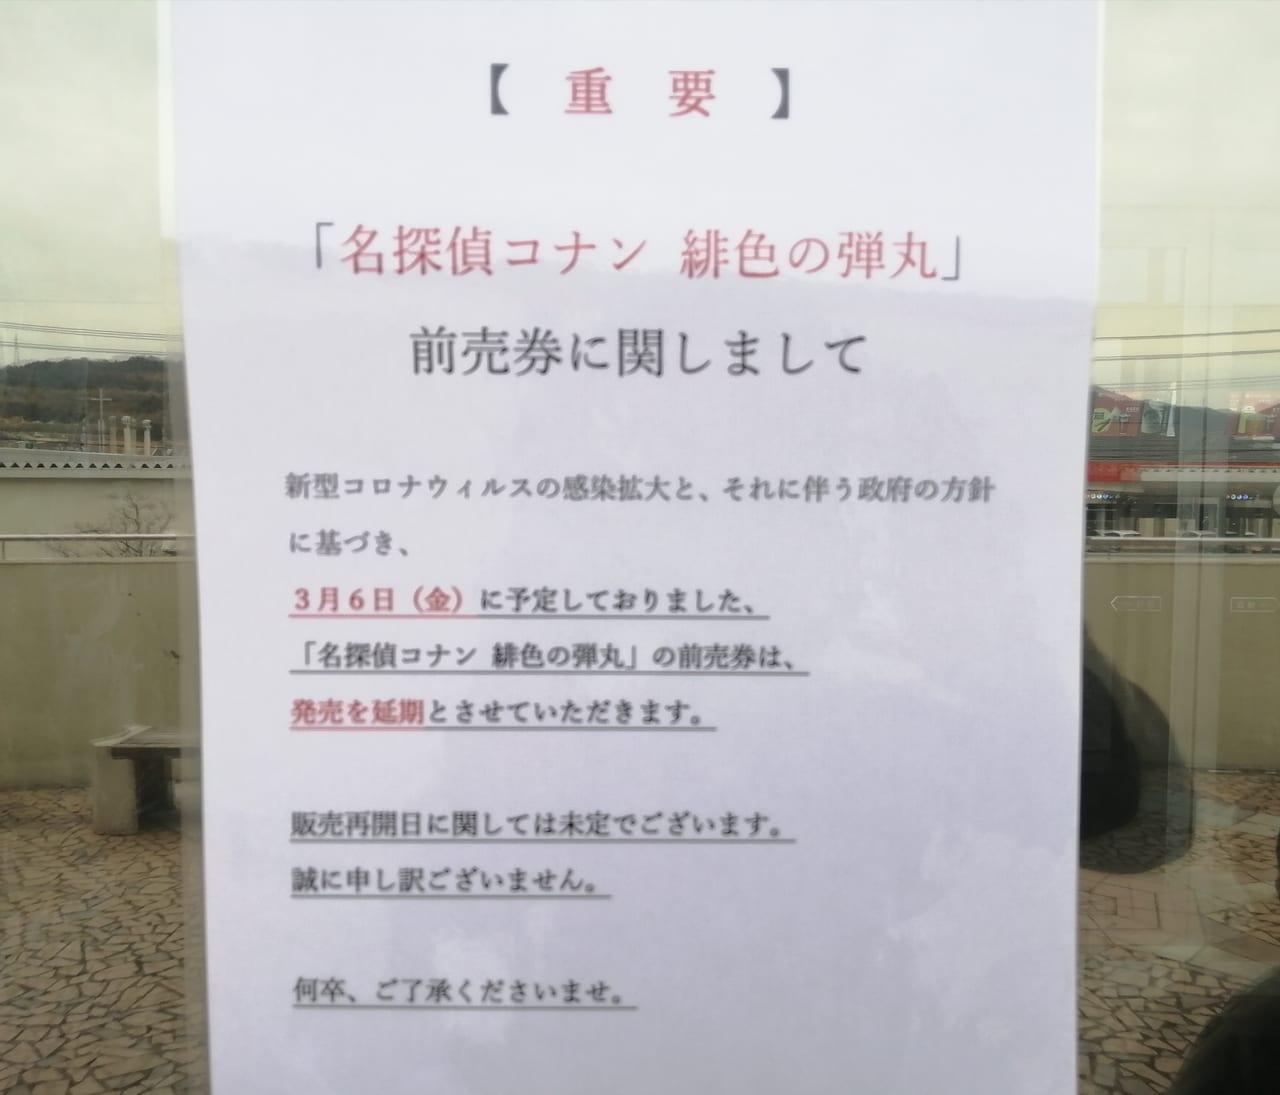 コナン 映画 前売り 券 発売 日